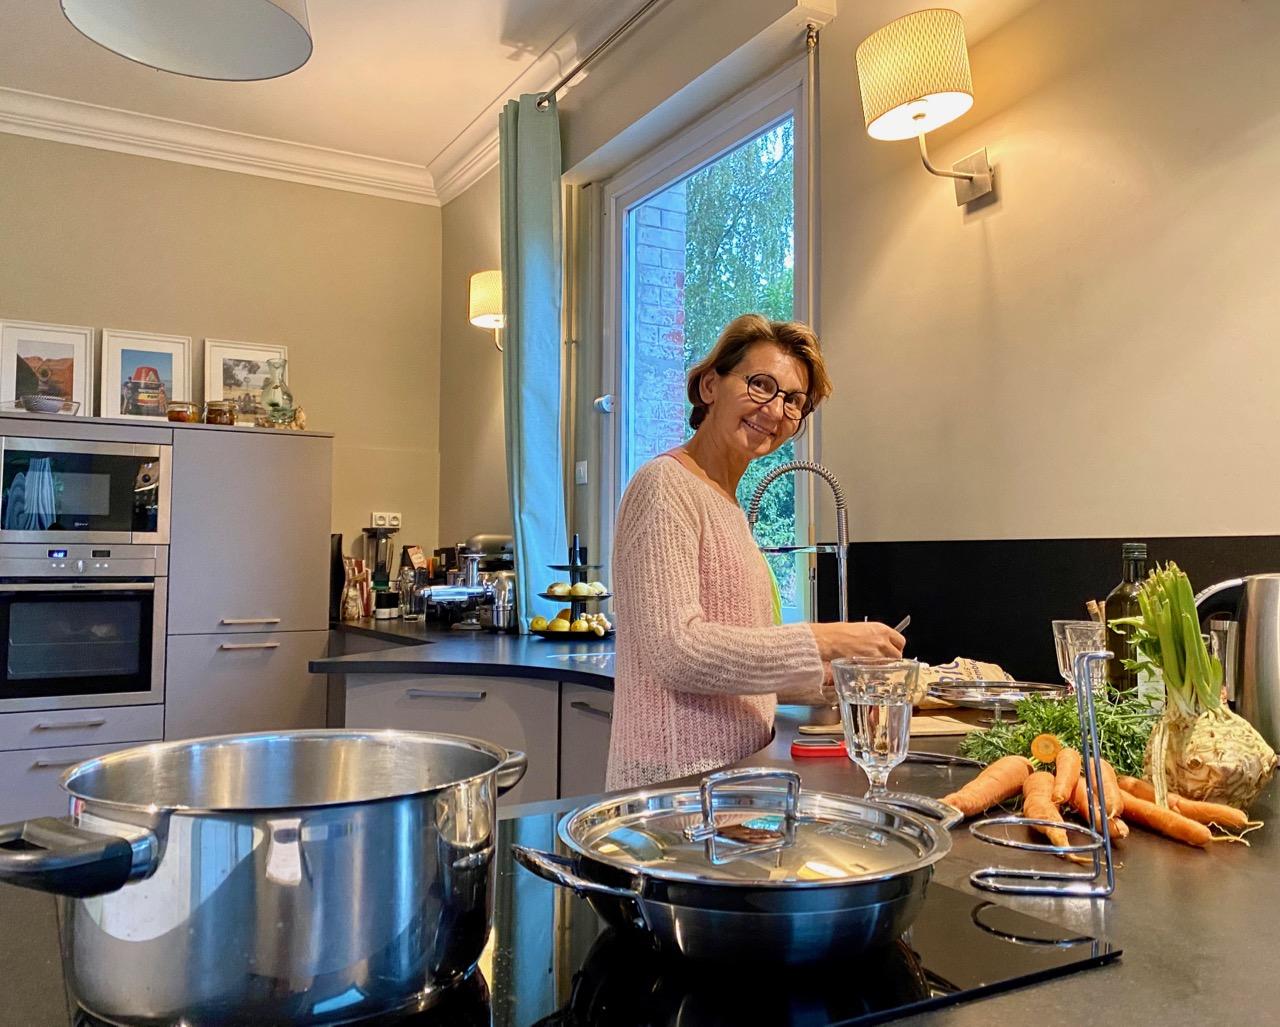 Chambres-d-hotes-Plumes-et-Coton-Ecurie-Virginie-en-cuisine